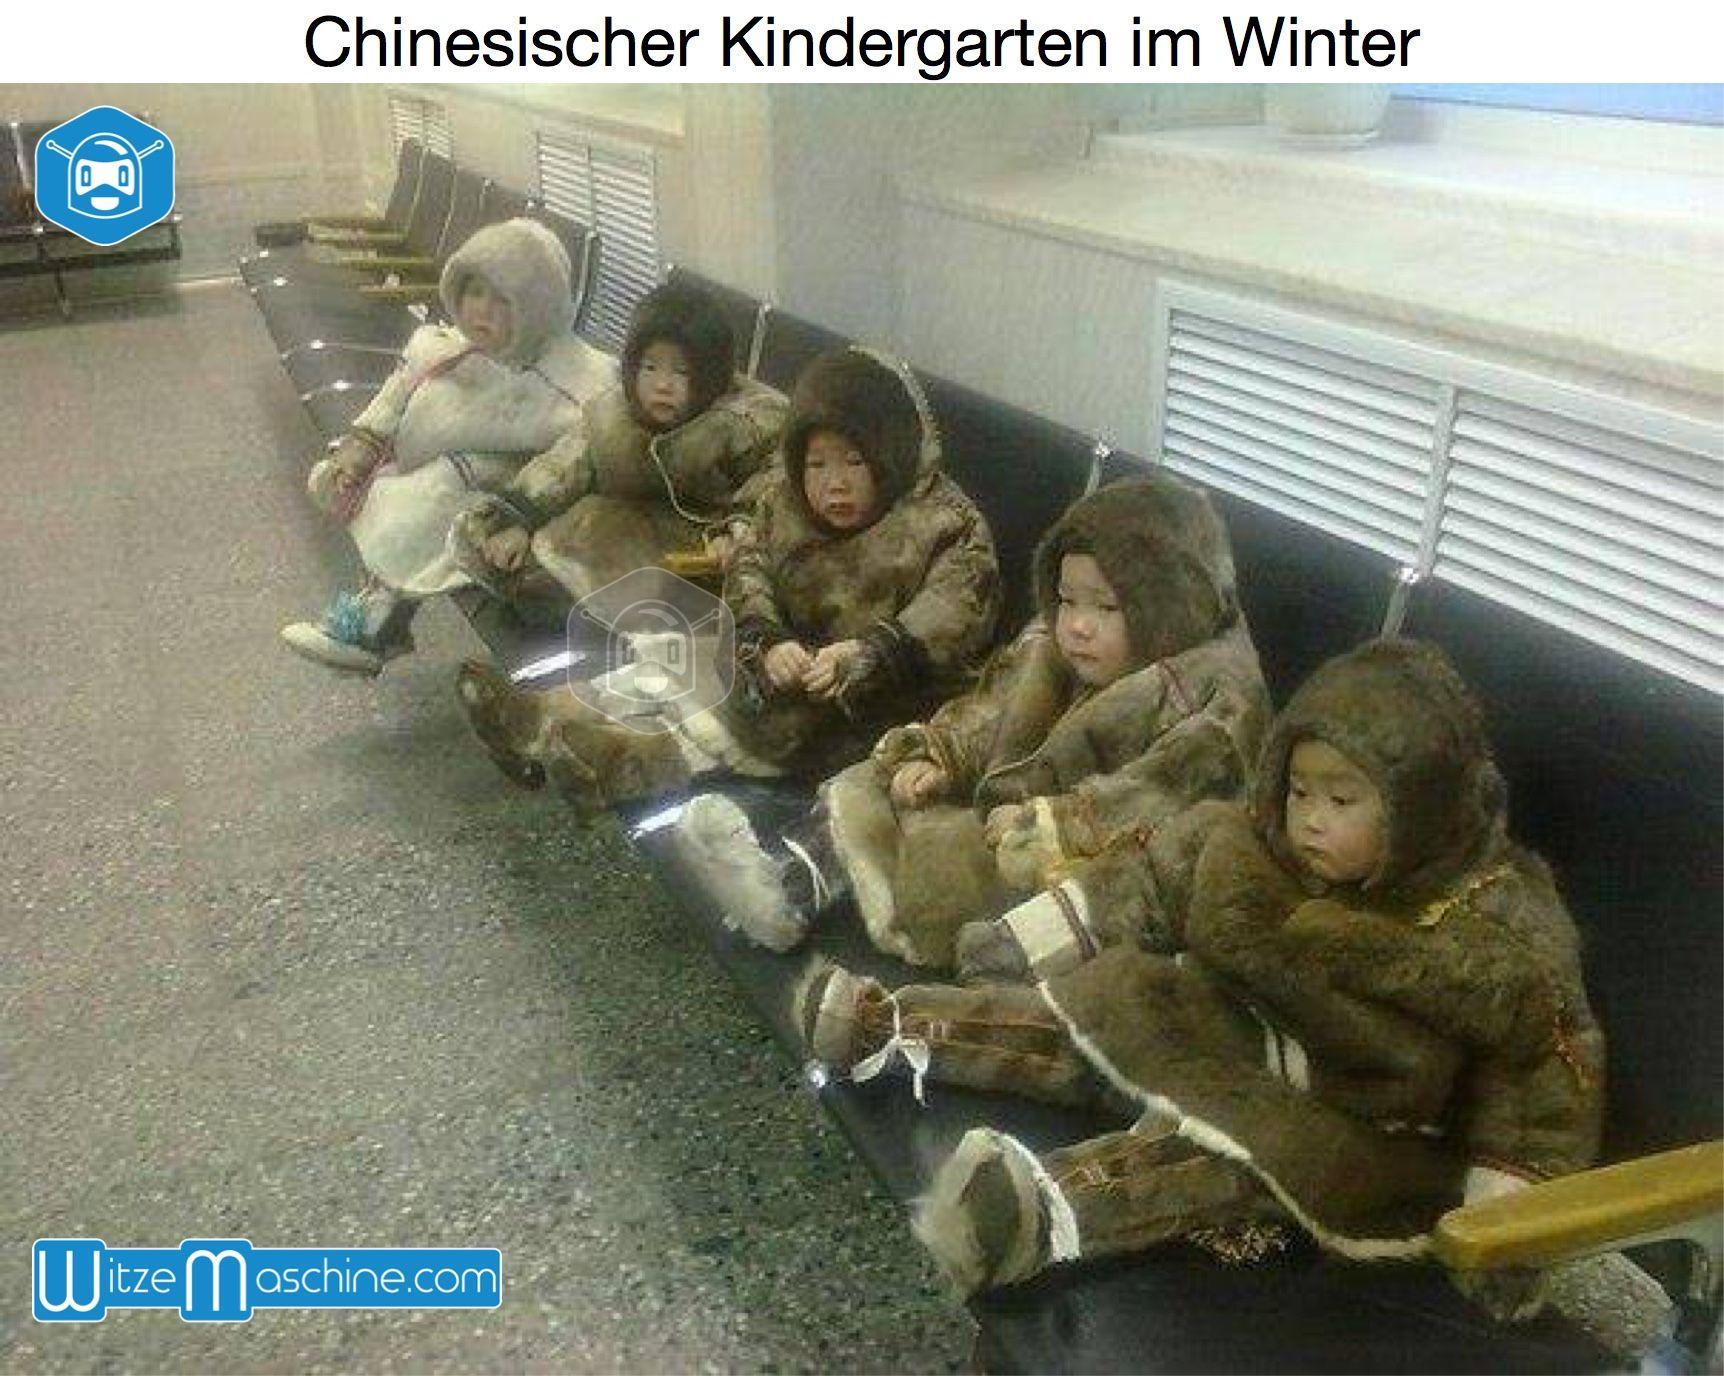 Chinesische Kindergarten im Winter - Chinesen Witze